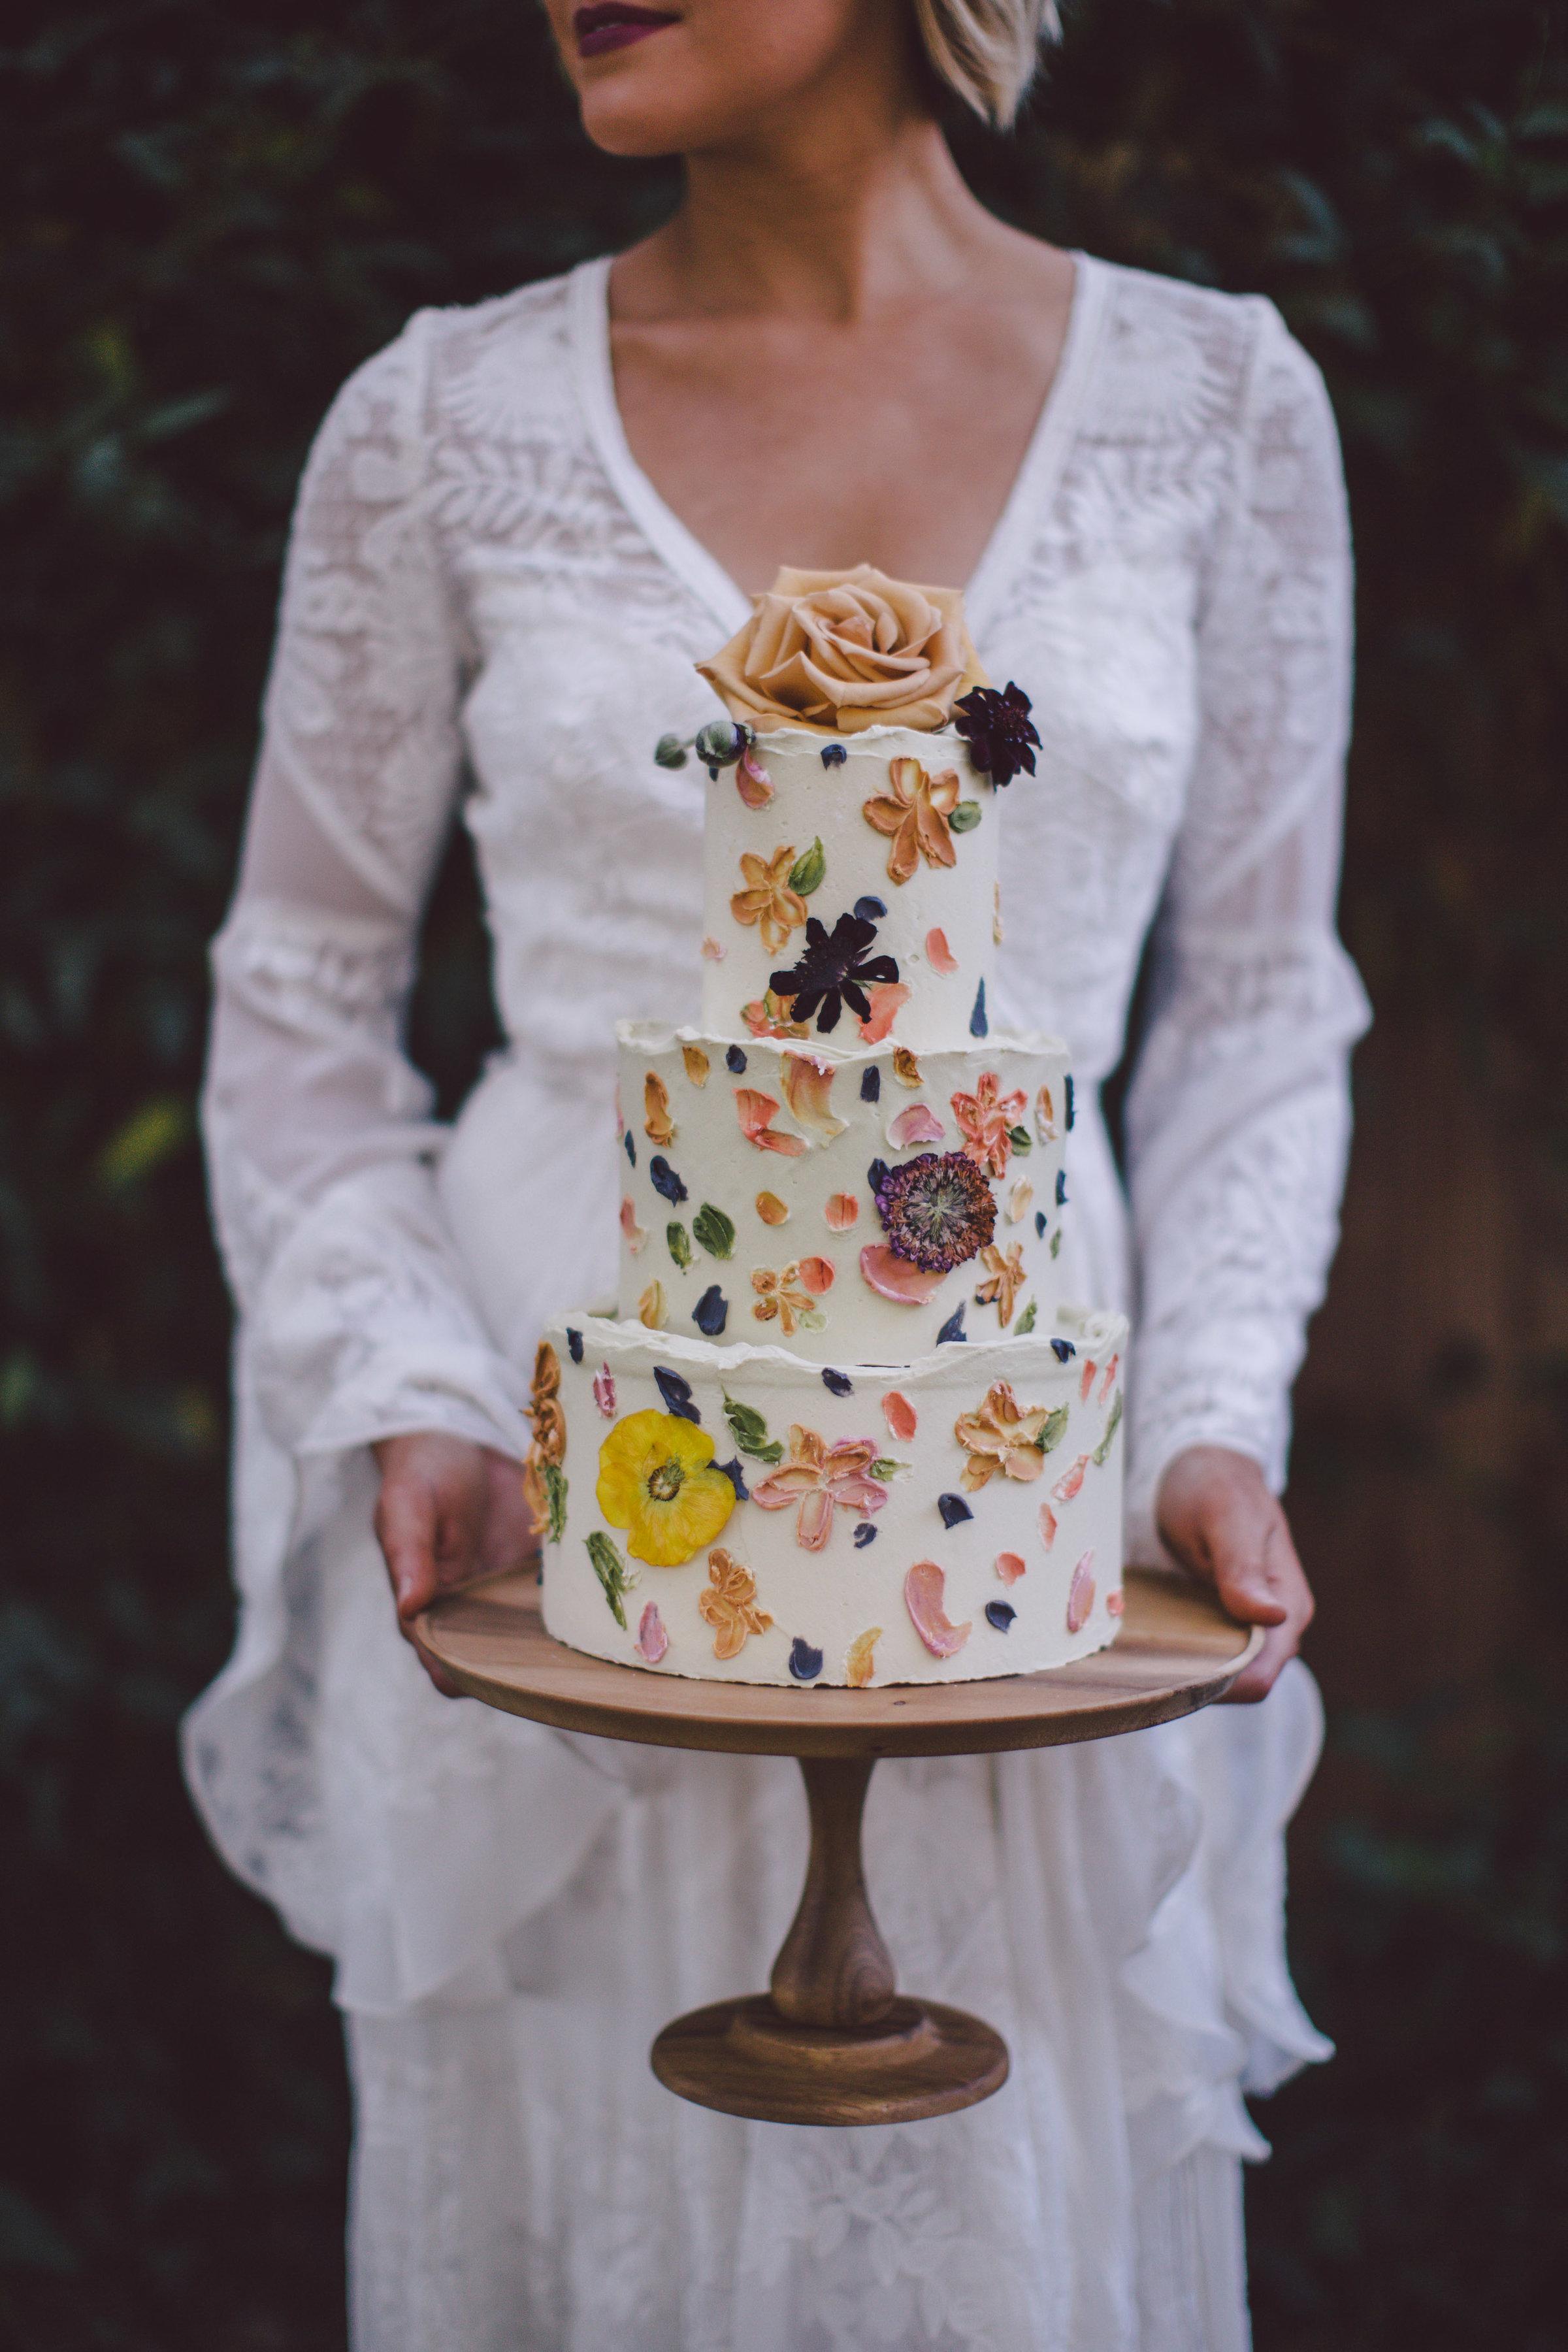 wedding-cake-pressed-dried-flowers.jpg